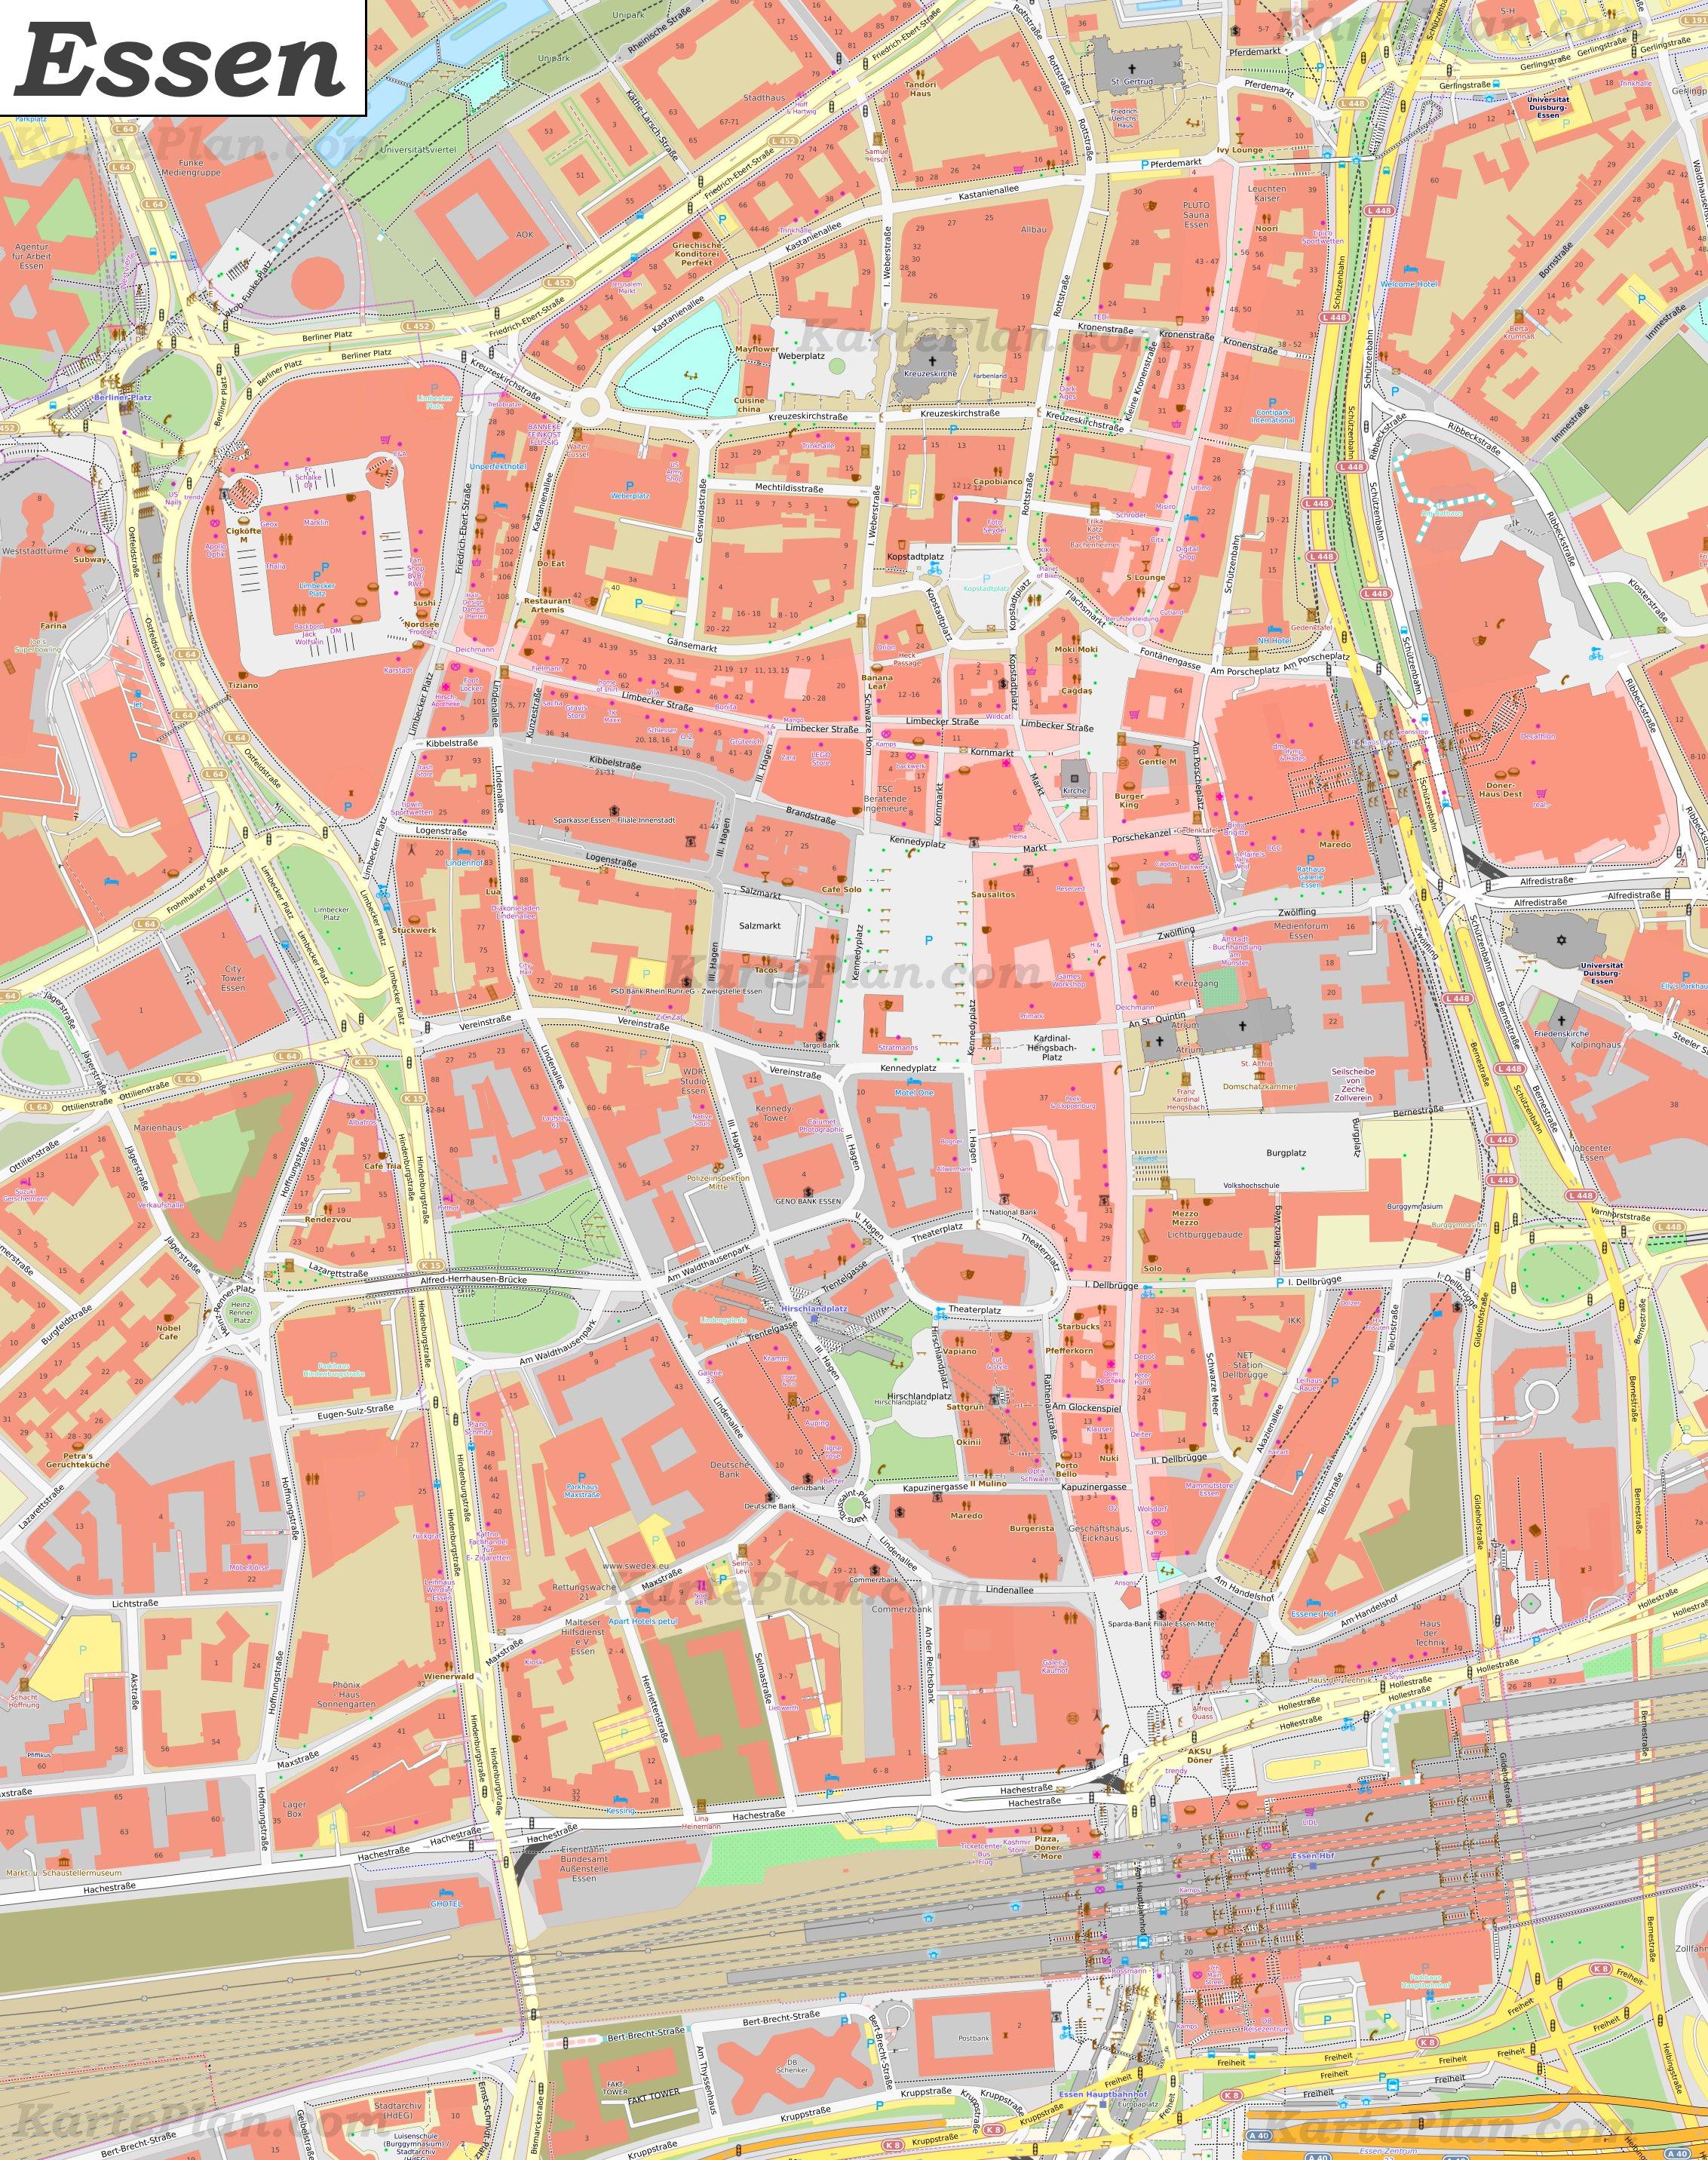 Stadt Essen Karte.Karte Von Essens Zentrum